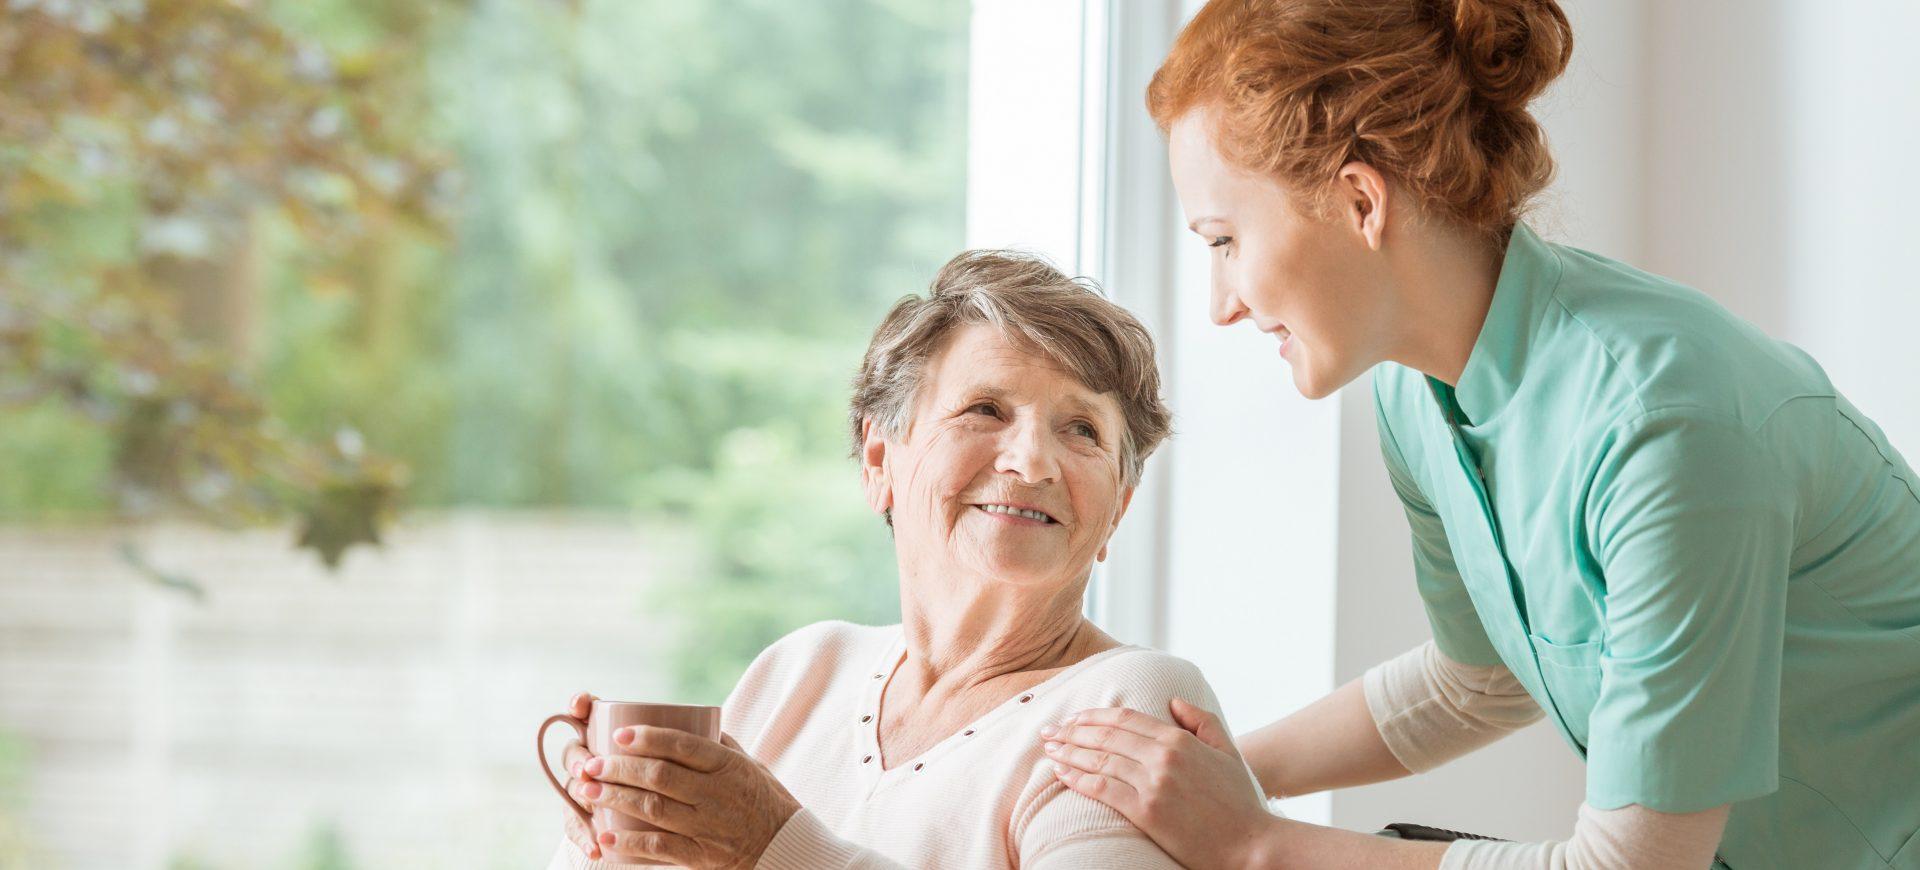 Alten- und Krankenpflege